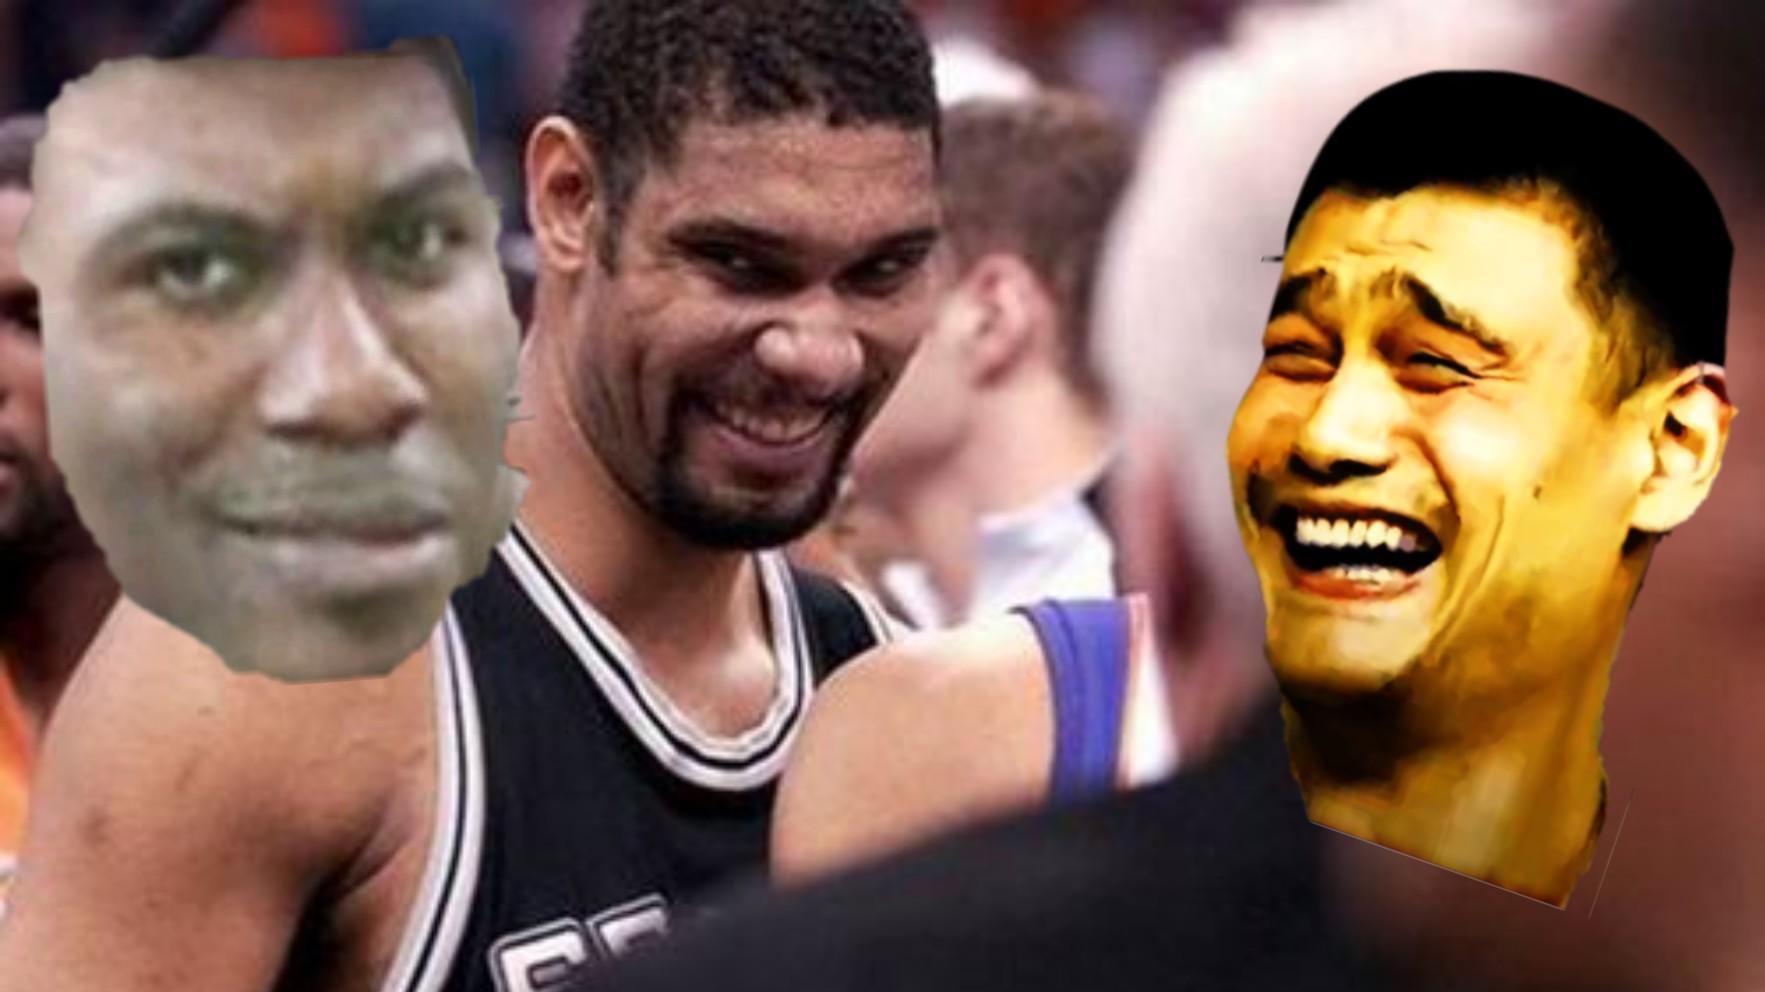 【球场骚操作】篮球场上有趣爆笑时刻合集!